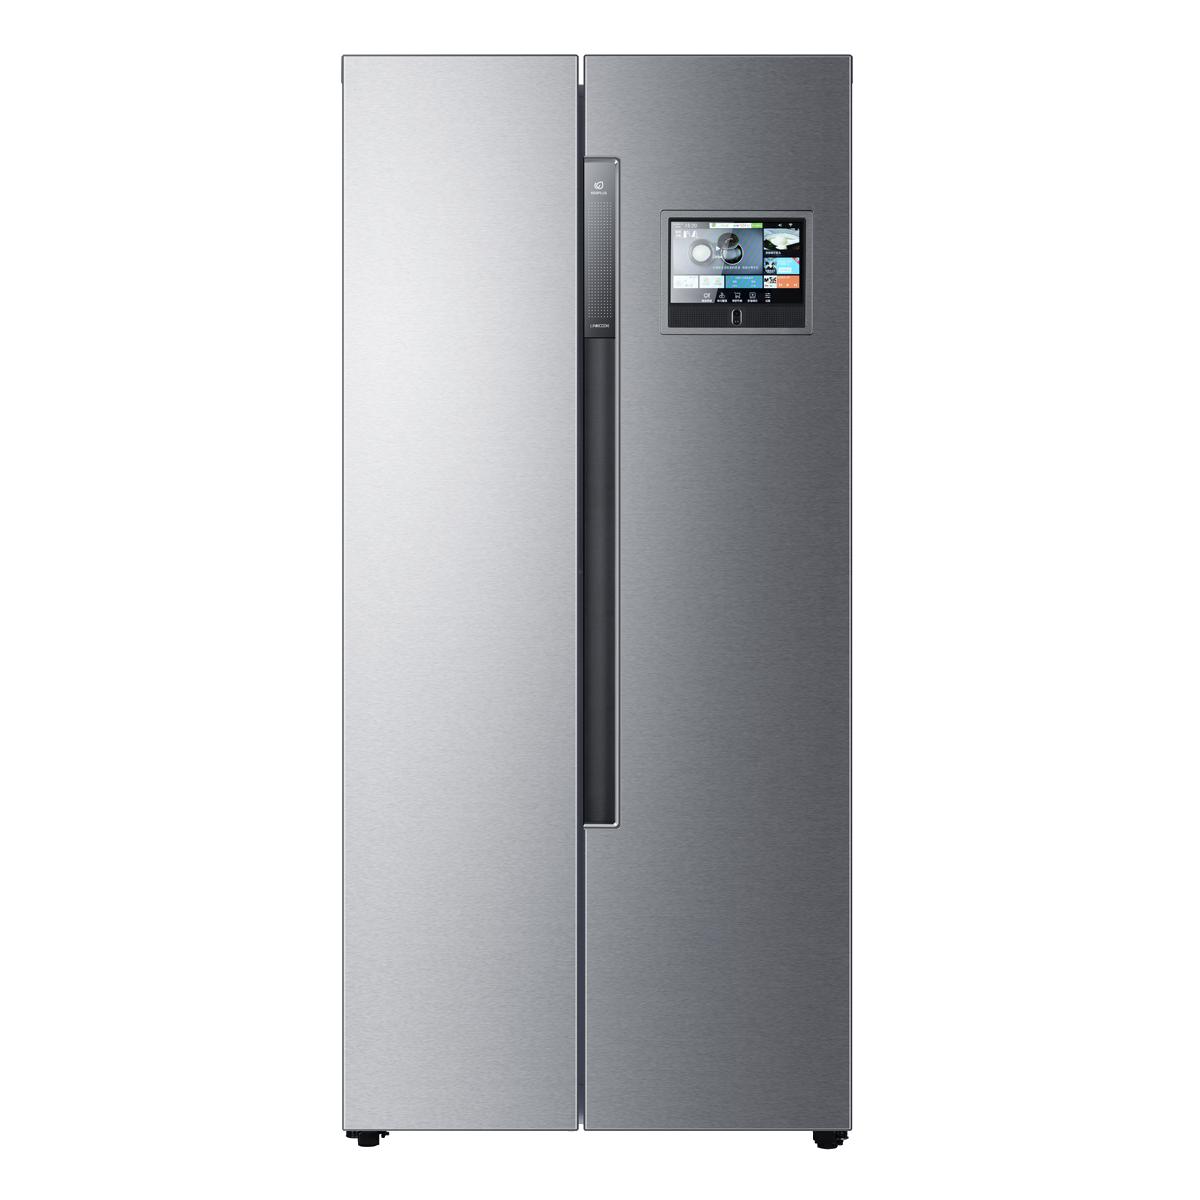 海尔Haier冰箱 BCD-451WDIYU1 说明书